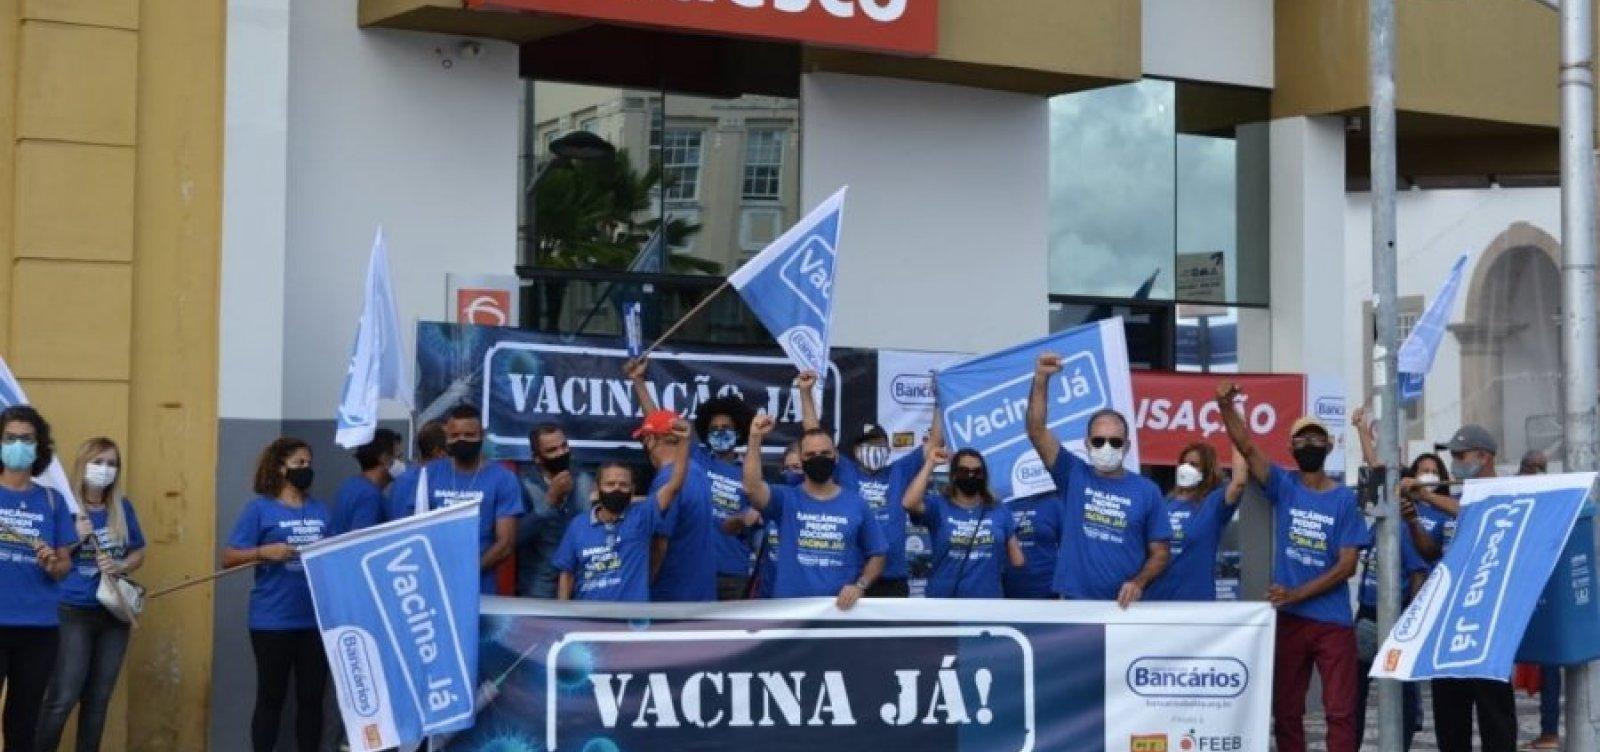 Bancários se articulam em Brasília para garantir vacinação, mas não descartam greve